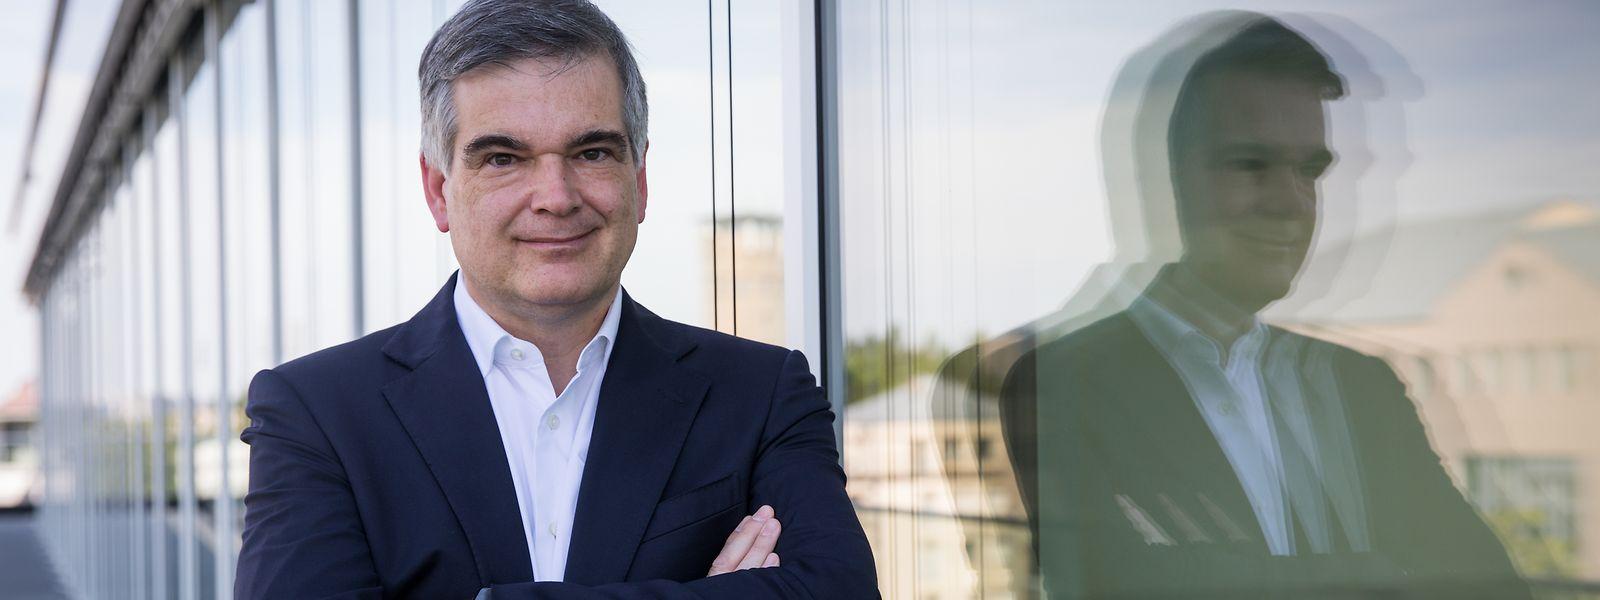 CSSF-Generaldirektor Claude Marx leitet die Luxemburger Finanzaufsichtsbehörde seit 2016.